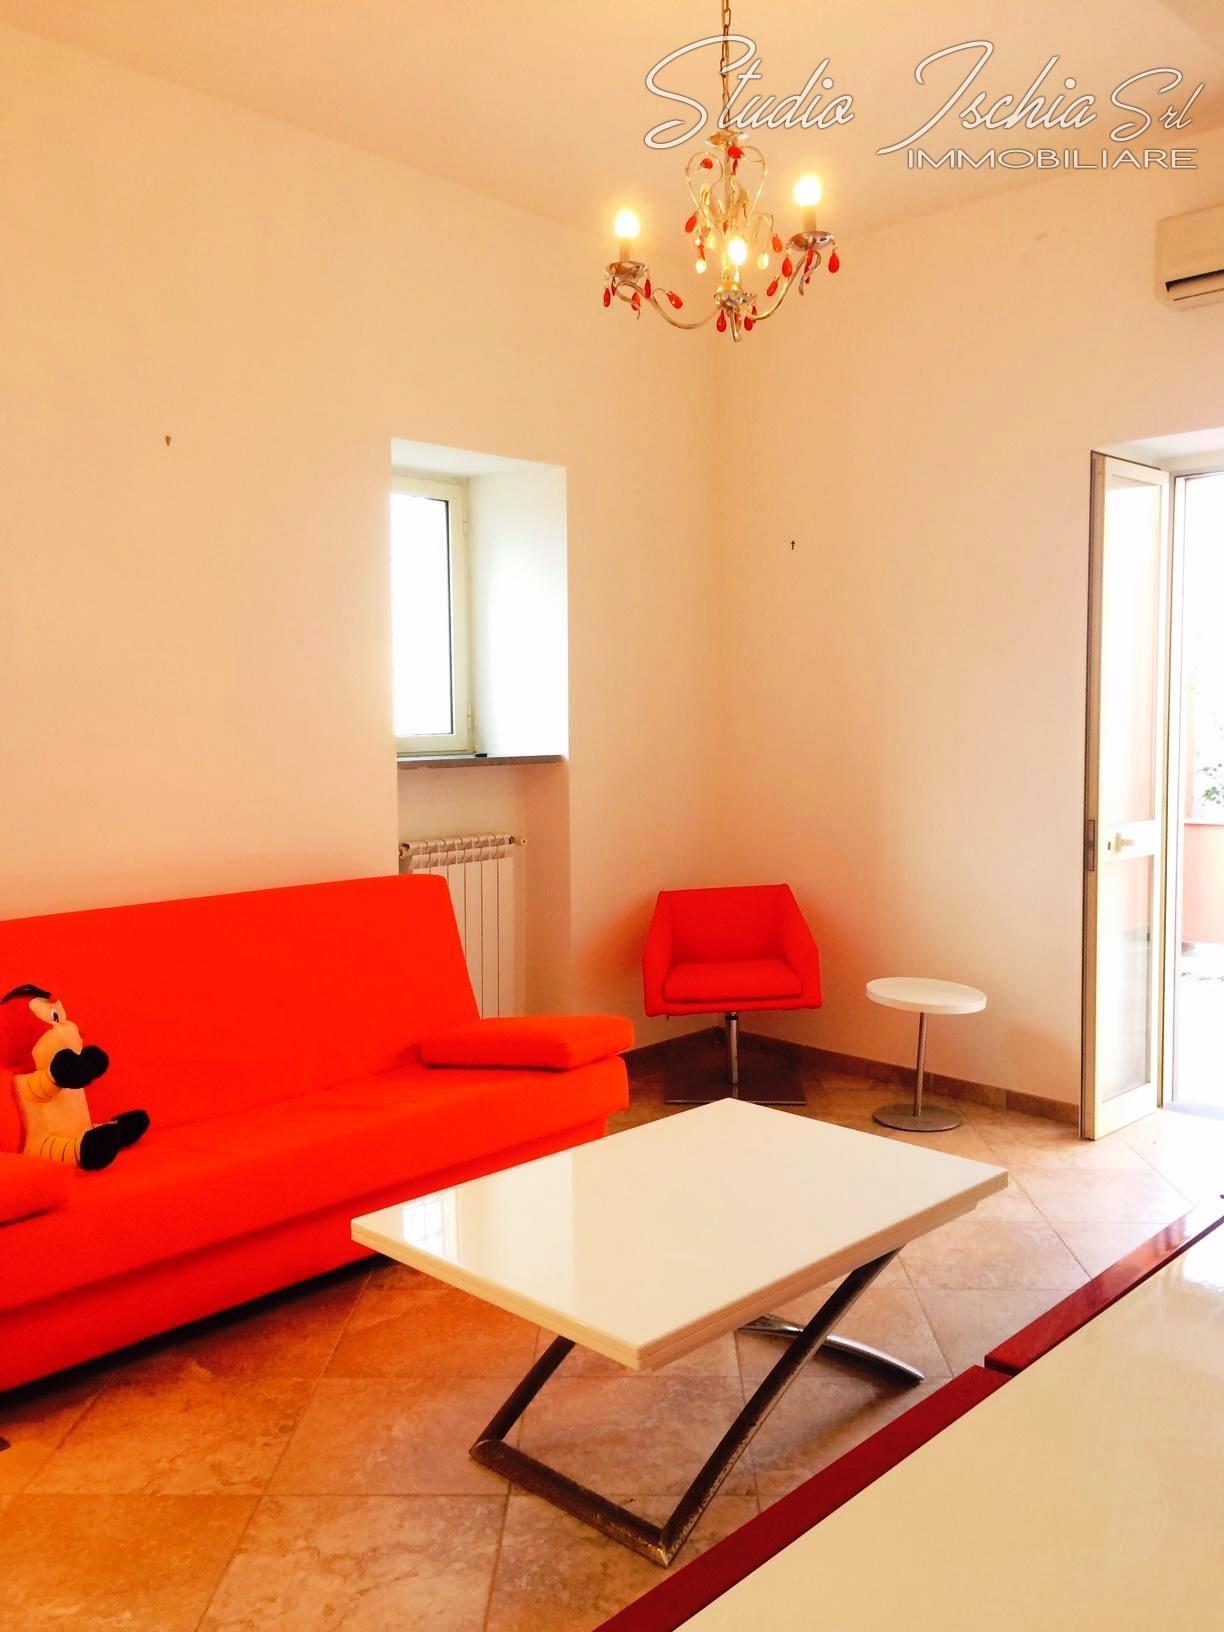 Appartamento in vendita a Forio, 3 locali, zona Località: ForioCentro, prezzo € 240.000 | Cambio Casa.it